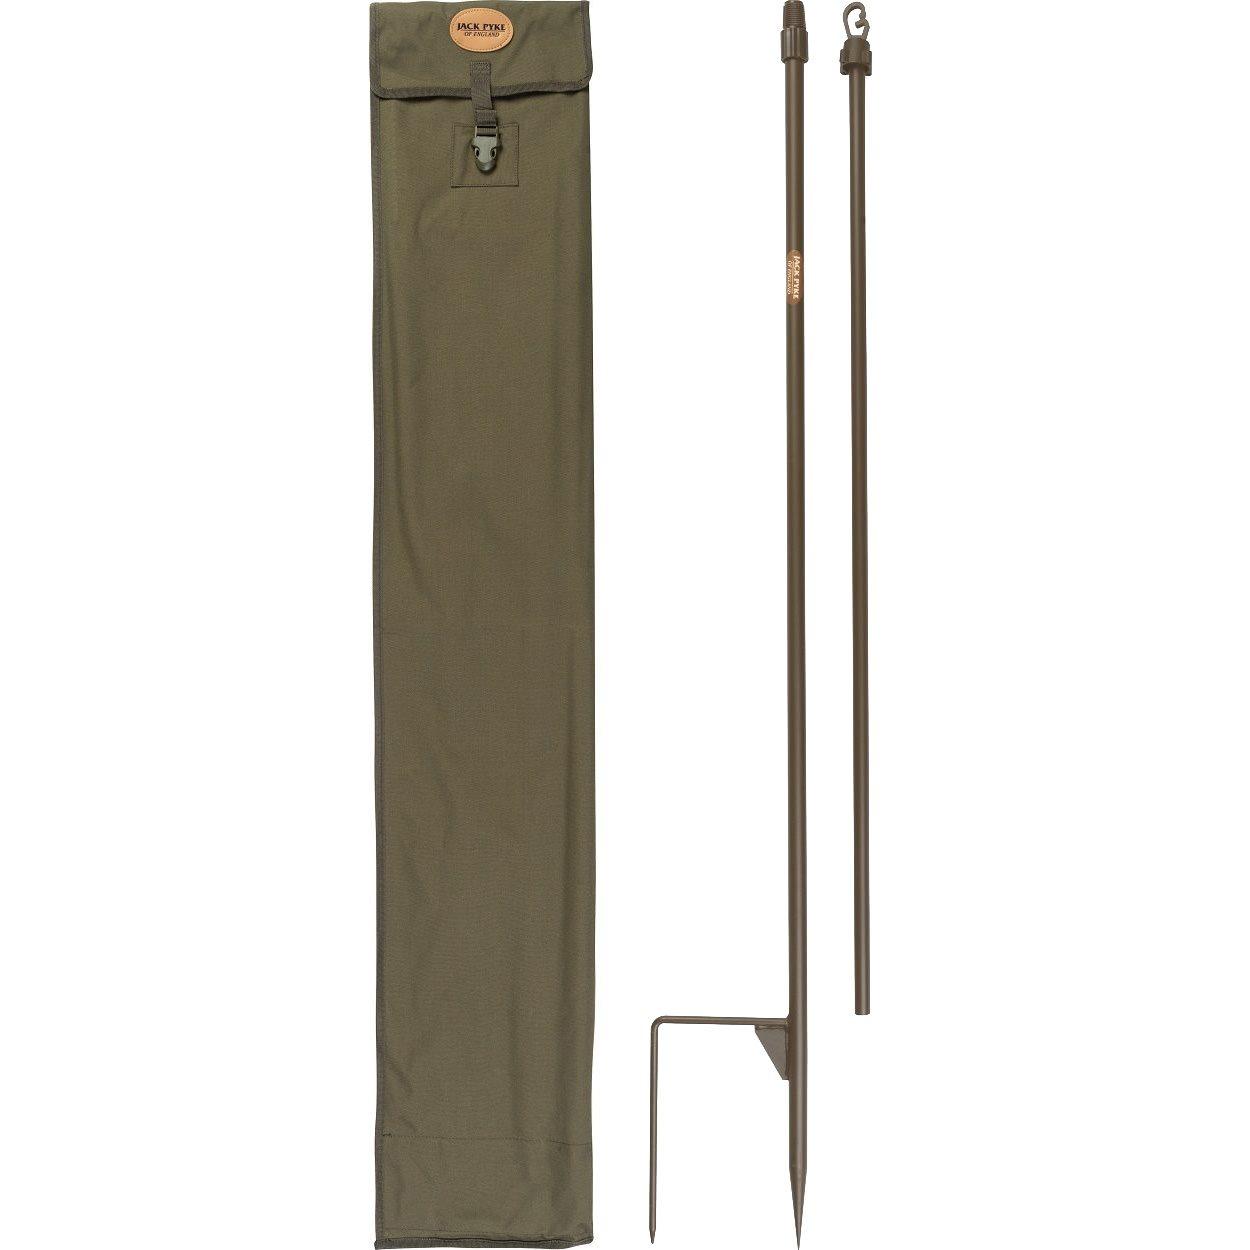 Podporné tyče na maskovaciu sieť 4 ks + obal ZELENÉ